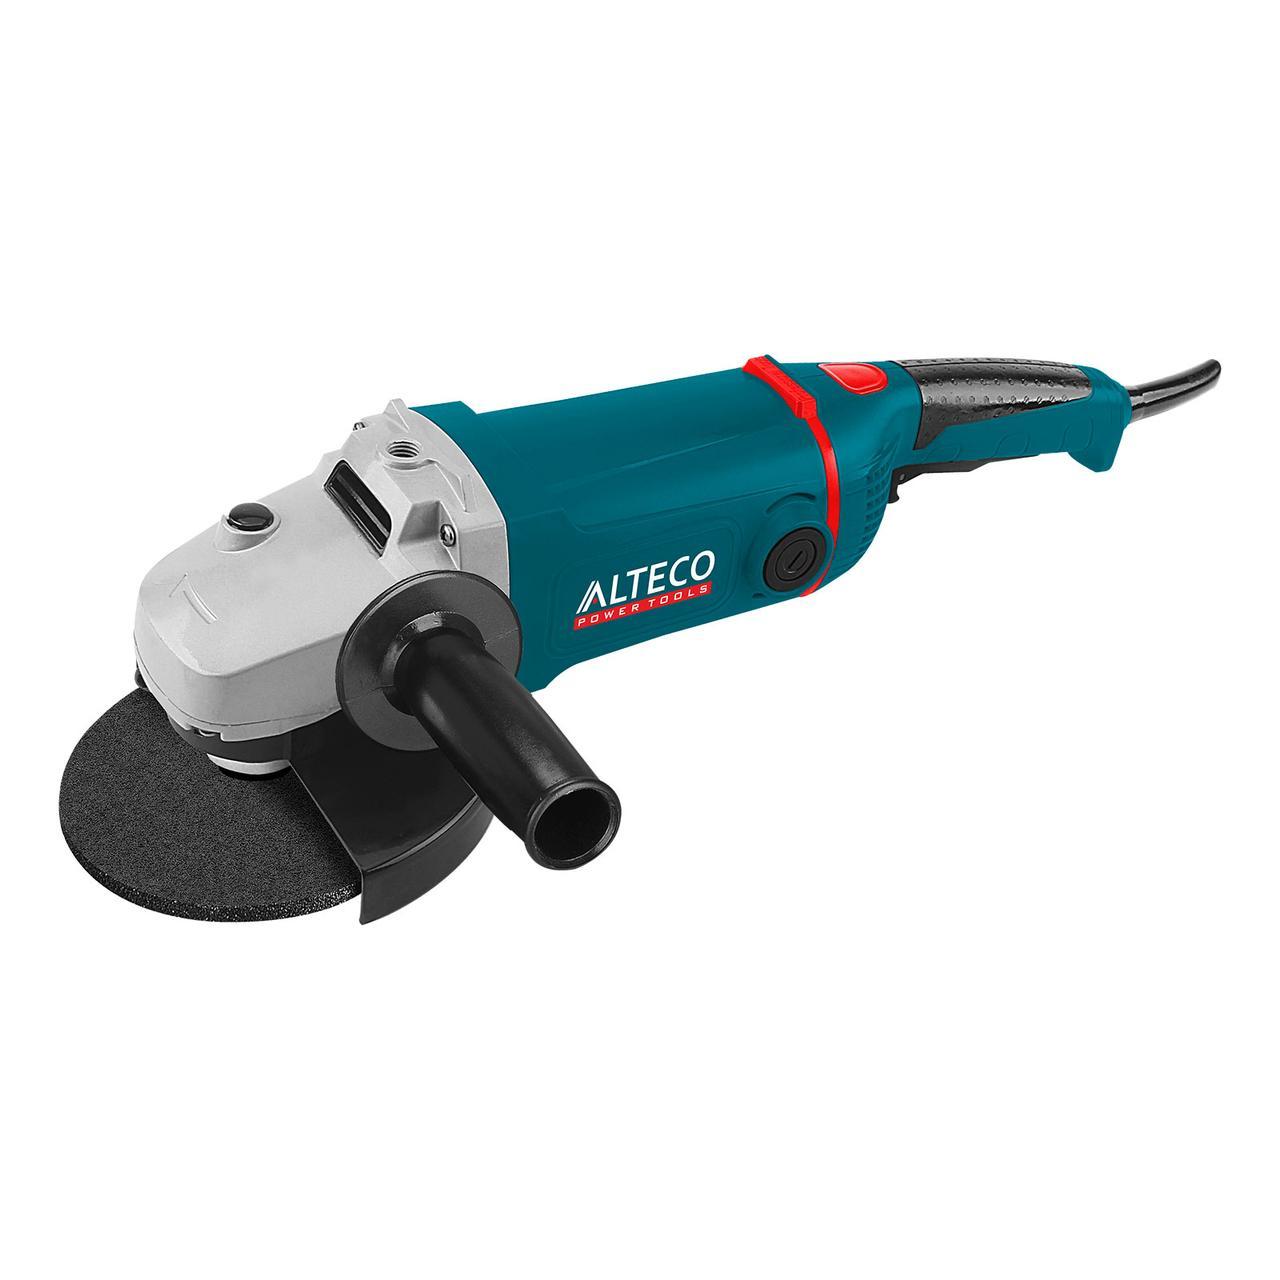 Угловая шлифмашина AG 2600-230 S ALTECO